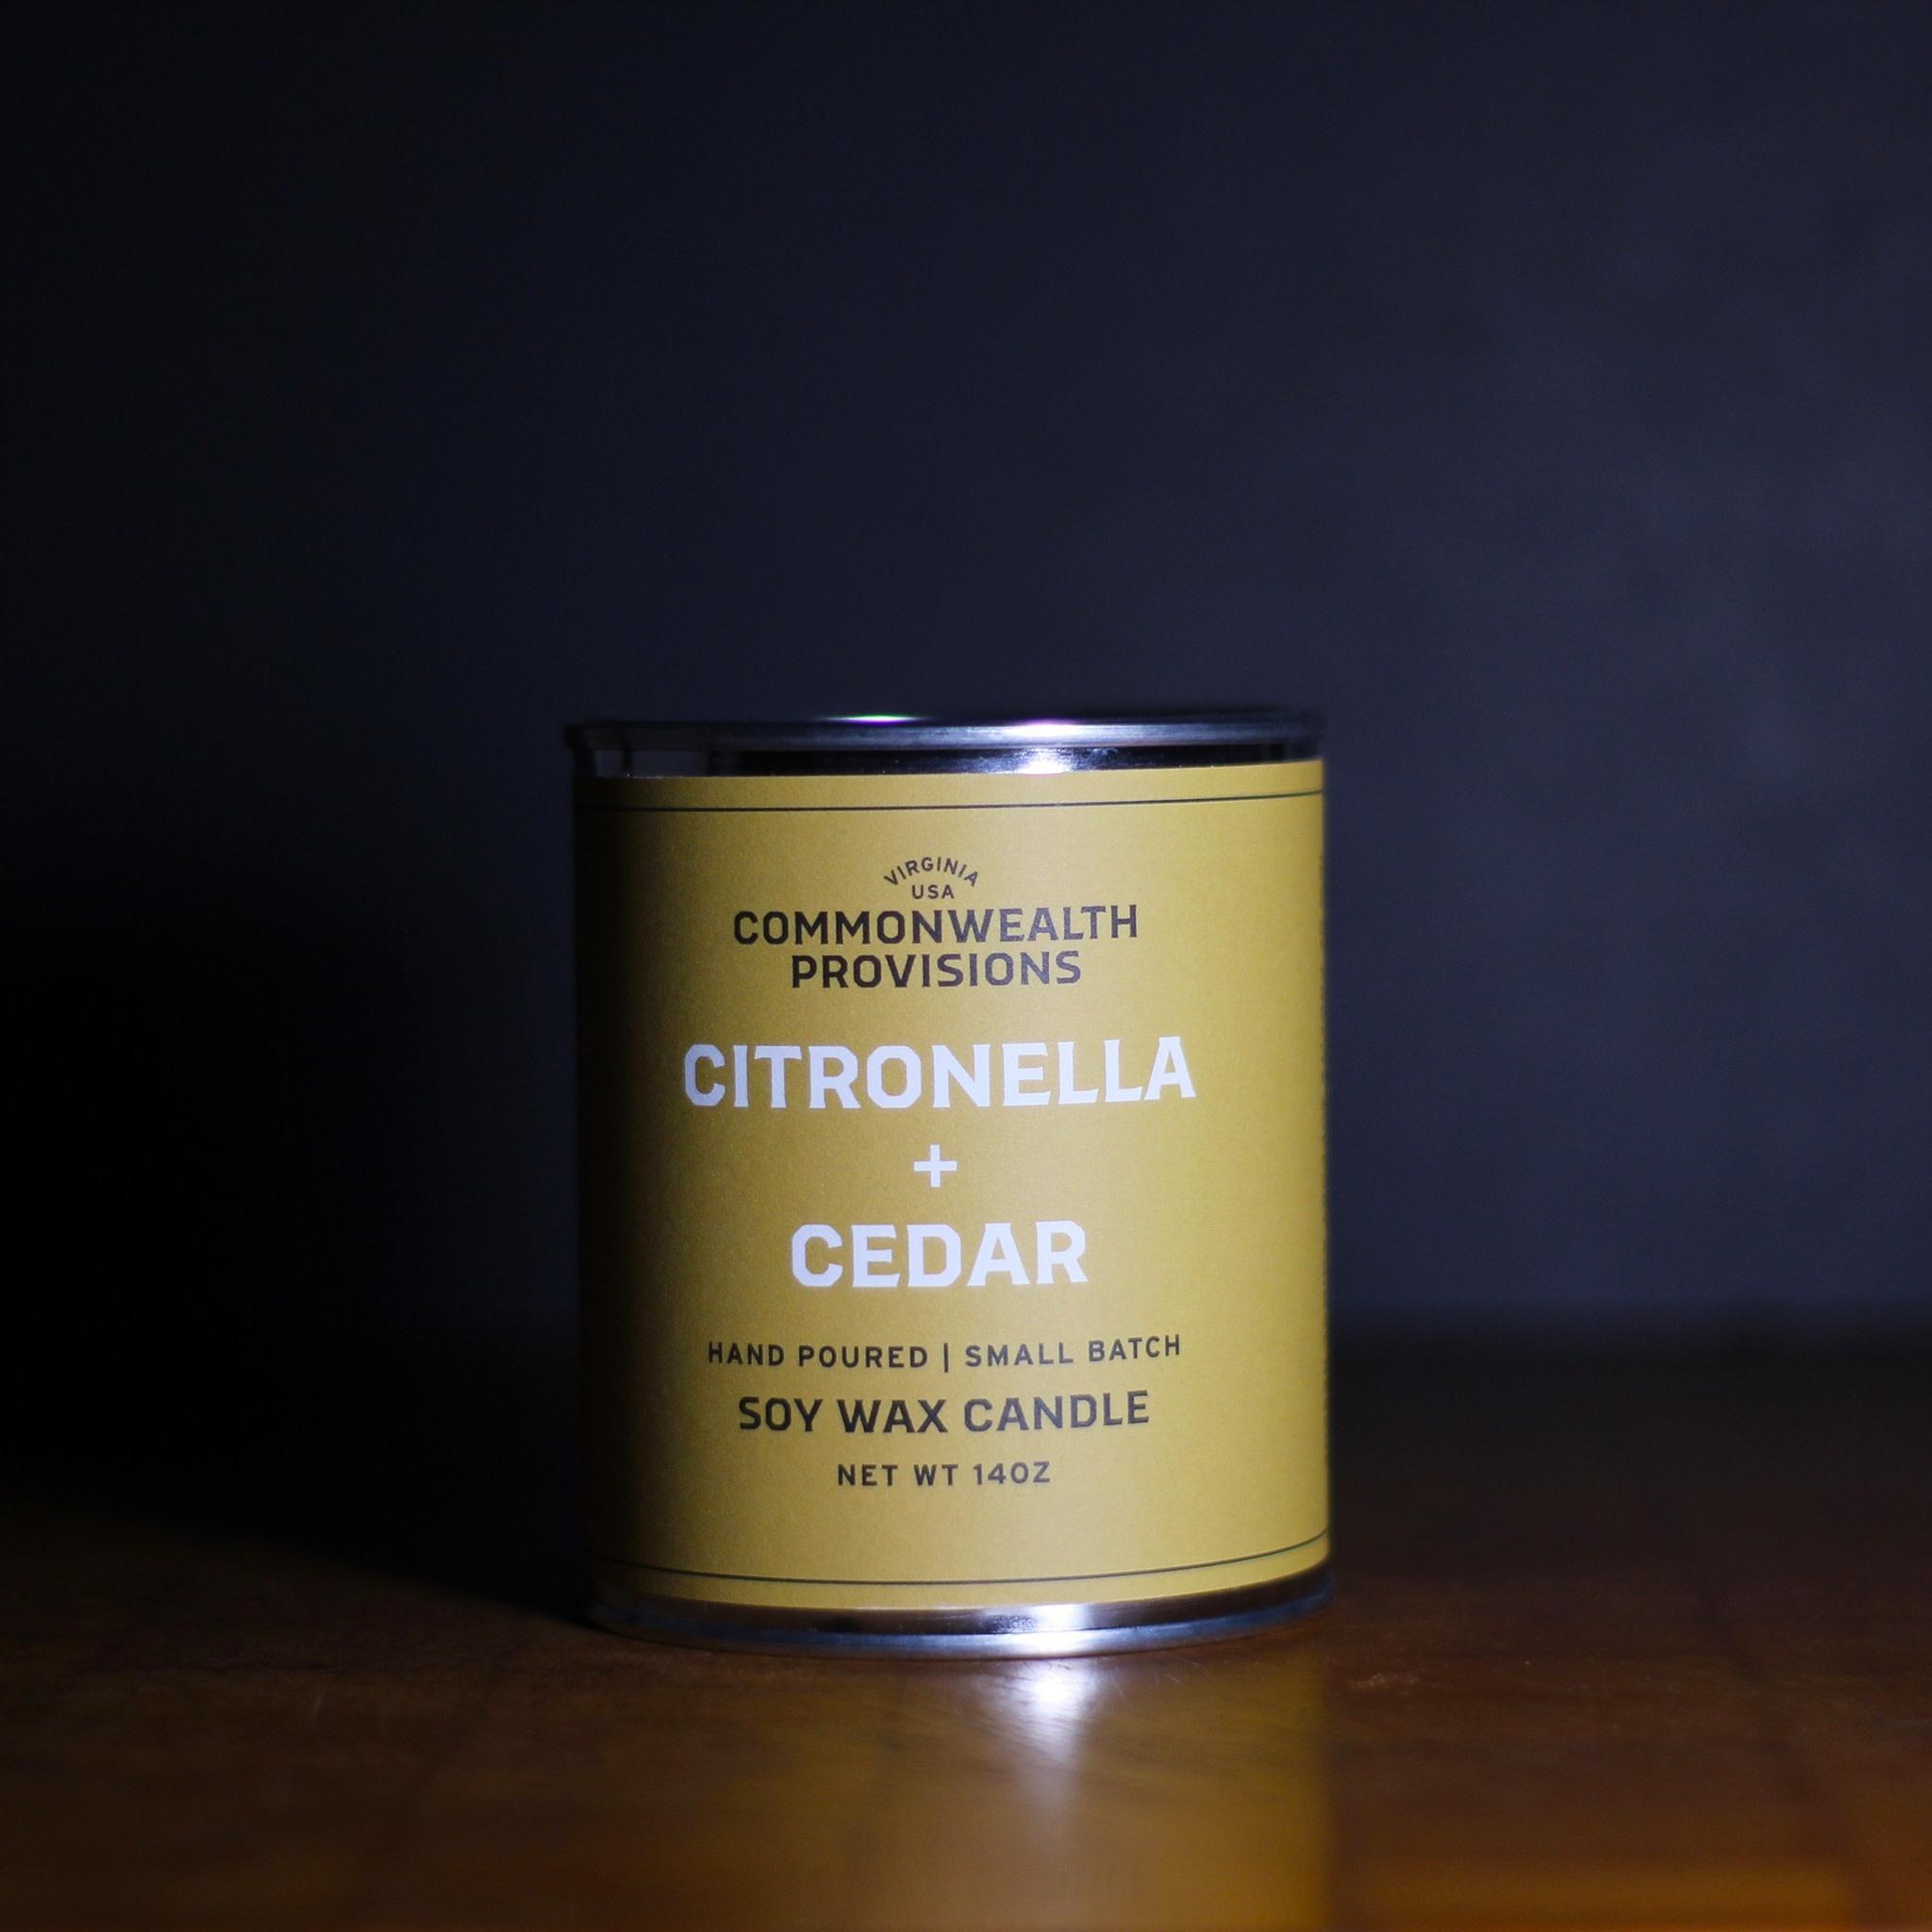 Commonwealth Provisions Citronella & Cedar Candle